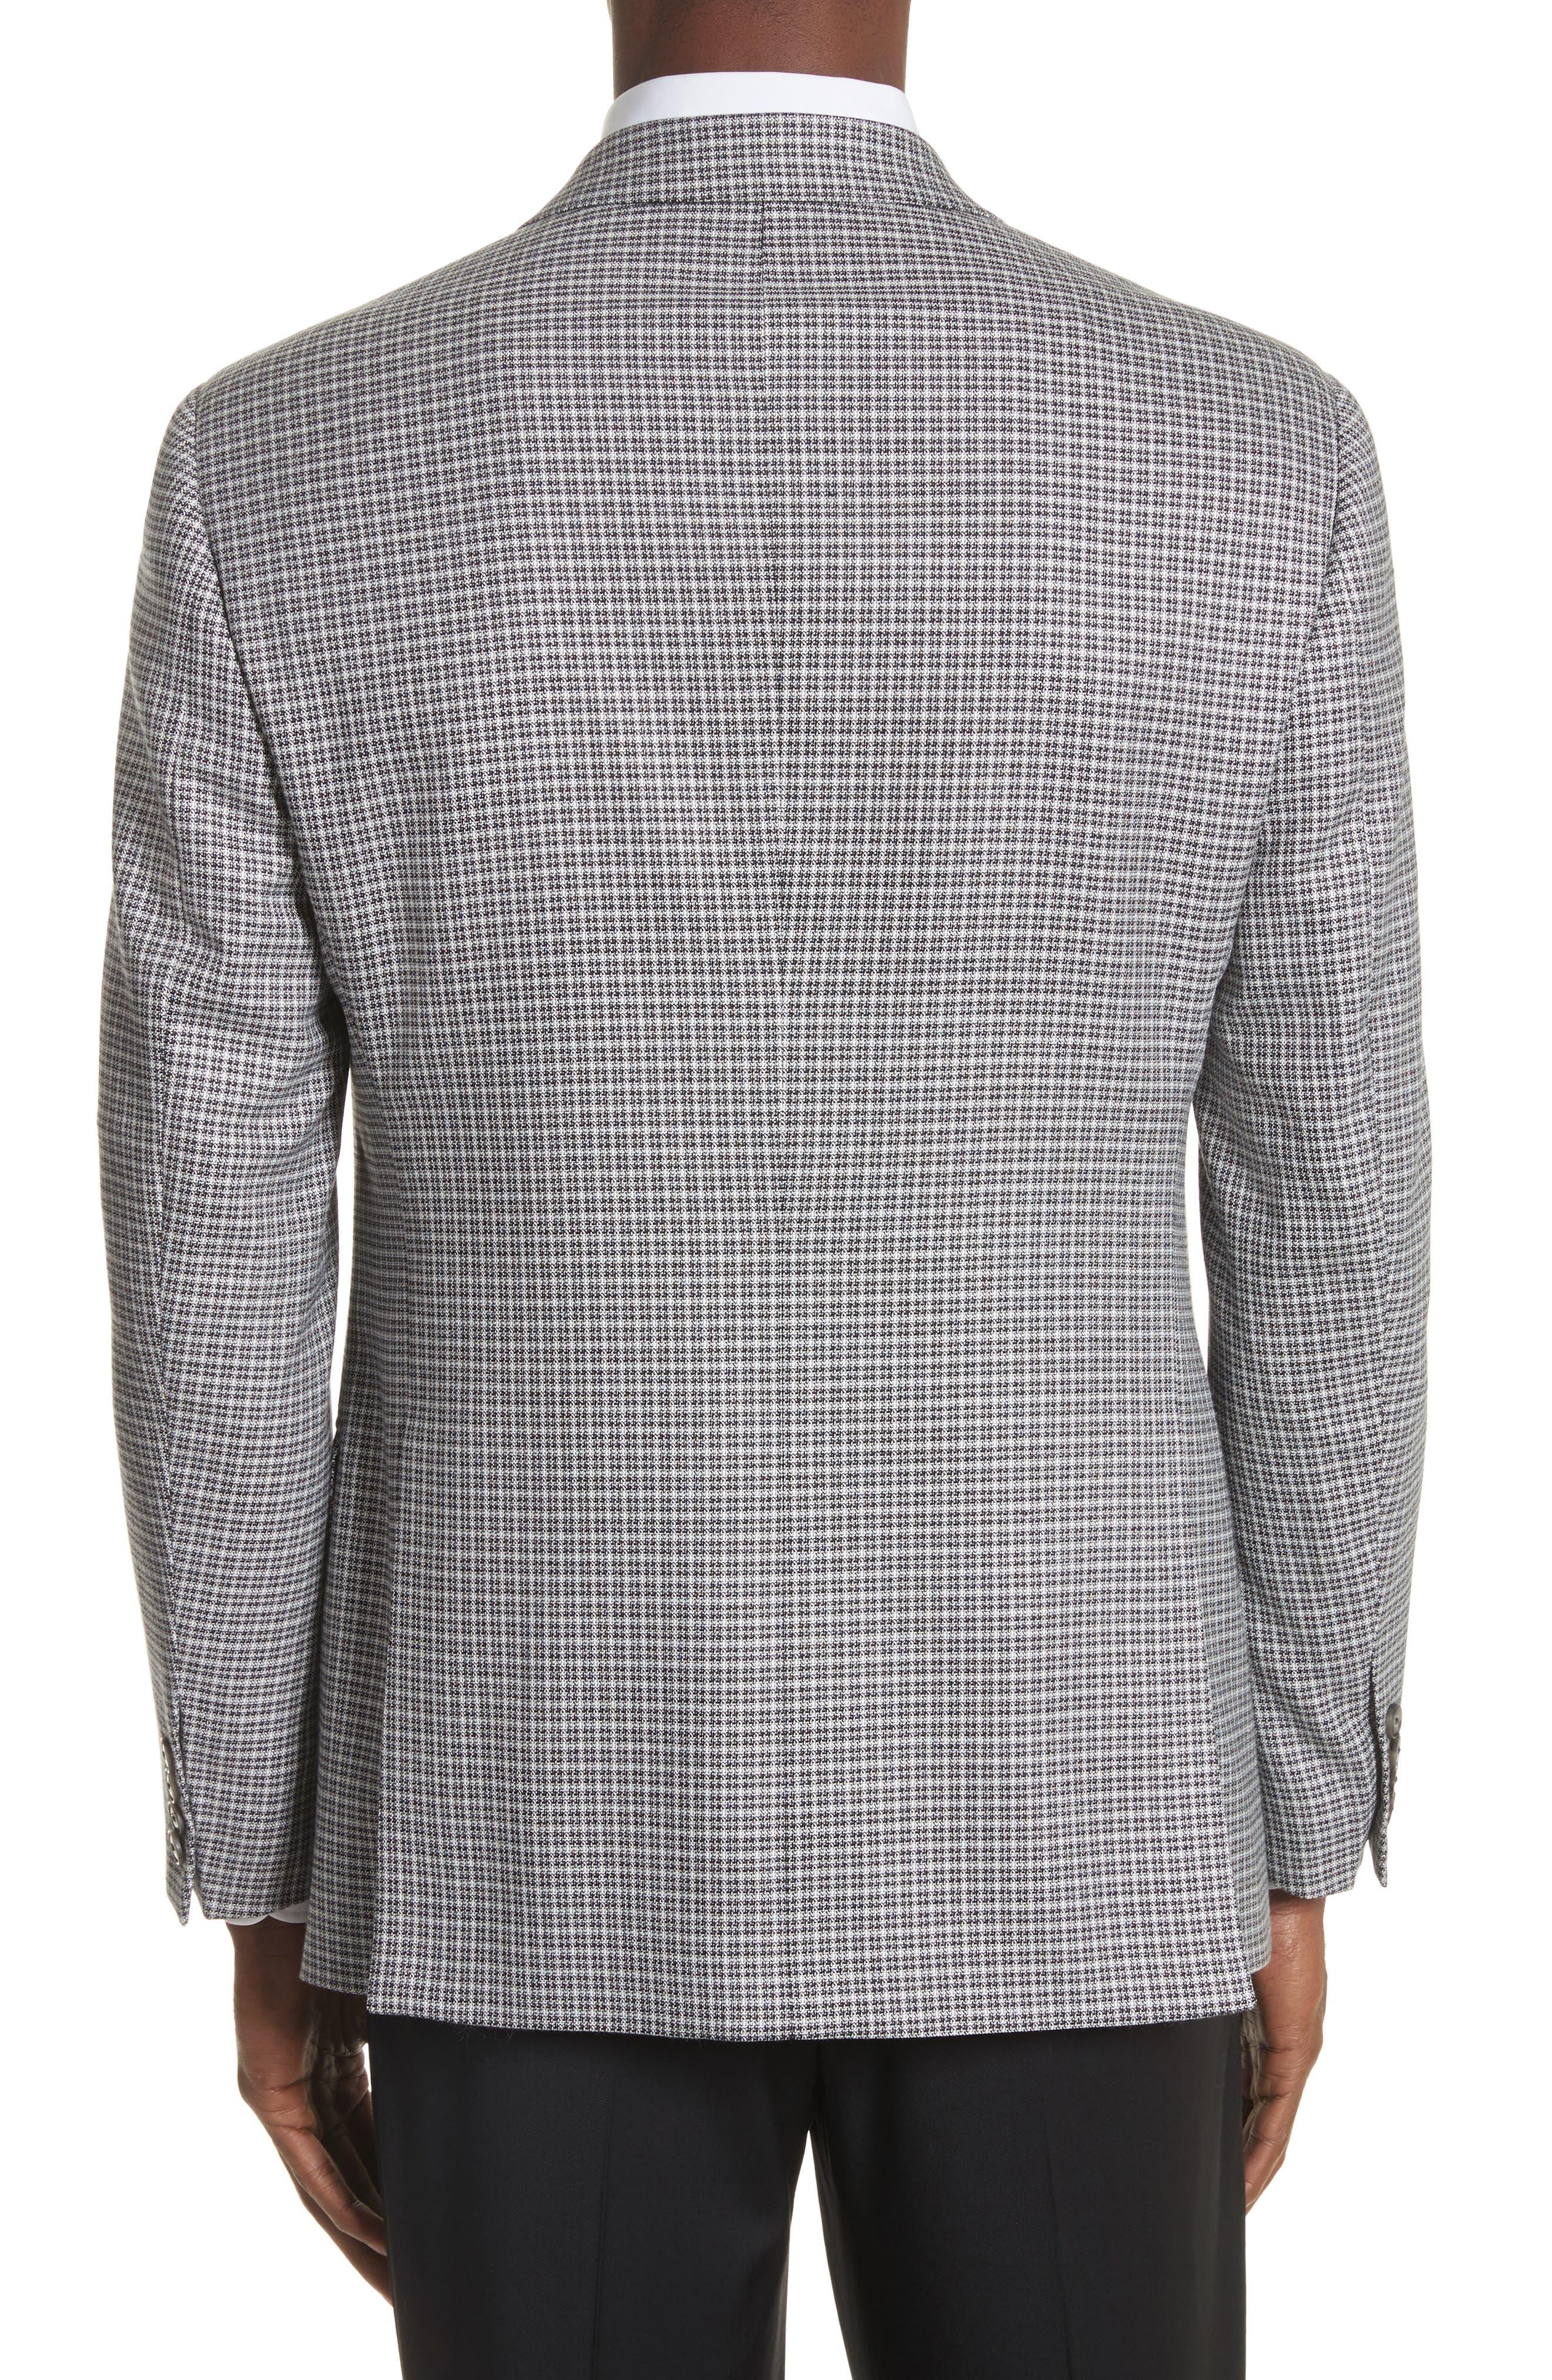 G Line Trim Fit Check Sport Coat,                             Alternate thumbnail 2, color,                             Grey